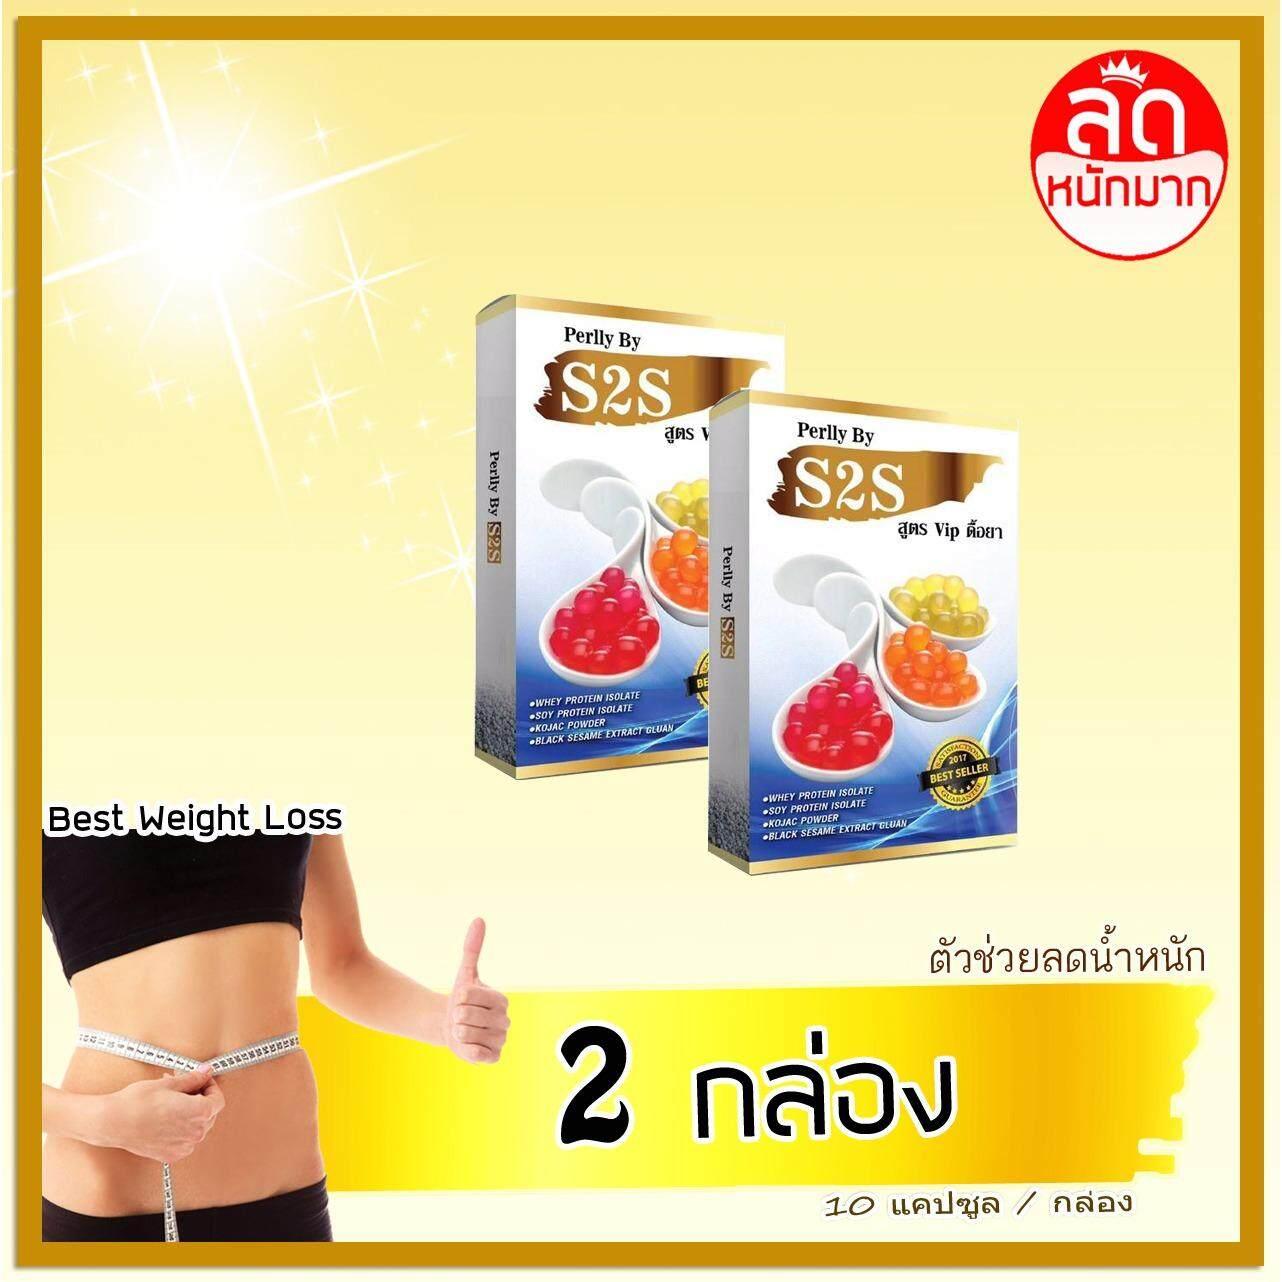 ราคา S2S S2S Secret 2 Slim ควบคุมน้ำหนัก บล็อค เบิร์น ฟิตตัวเดียวจบ 2กล่อง ออนไลน์ กรุงเทพมหานคร